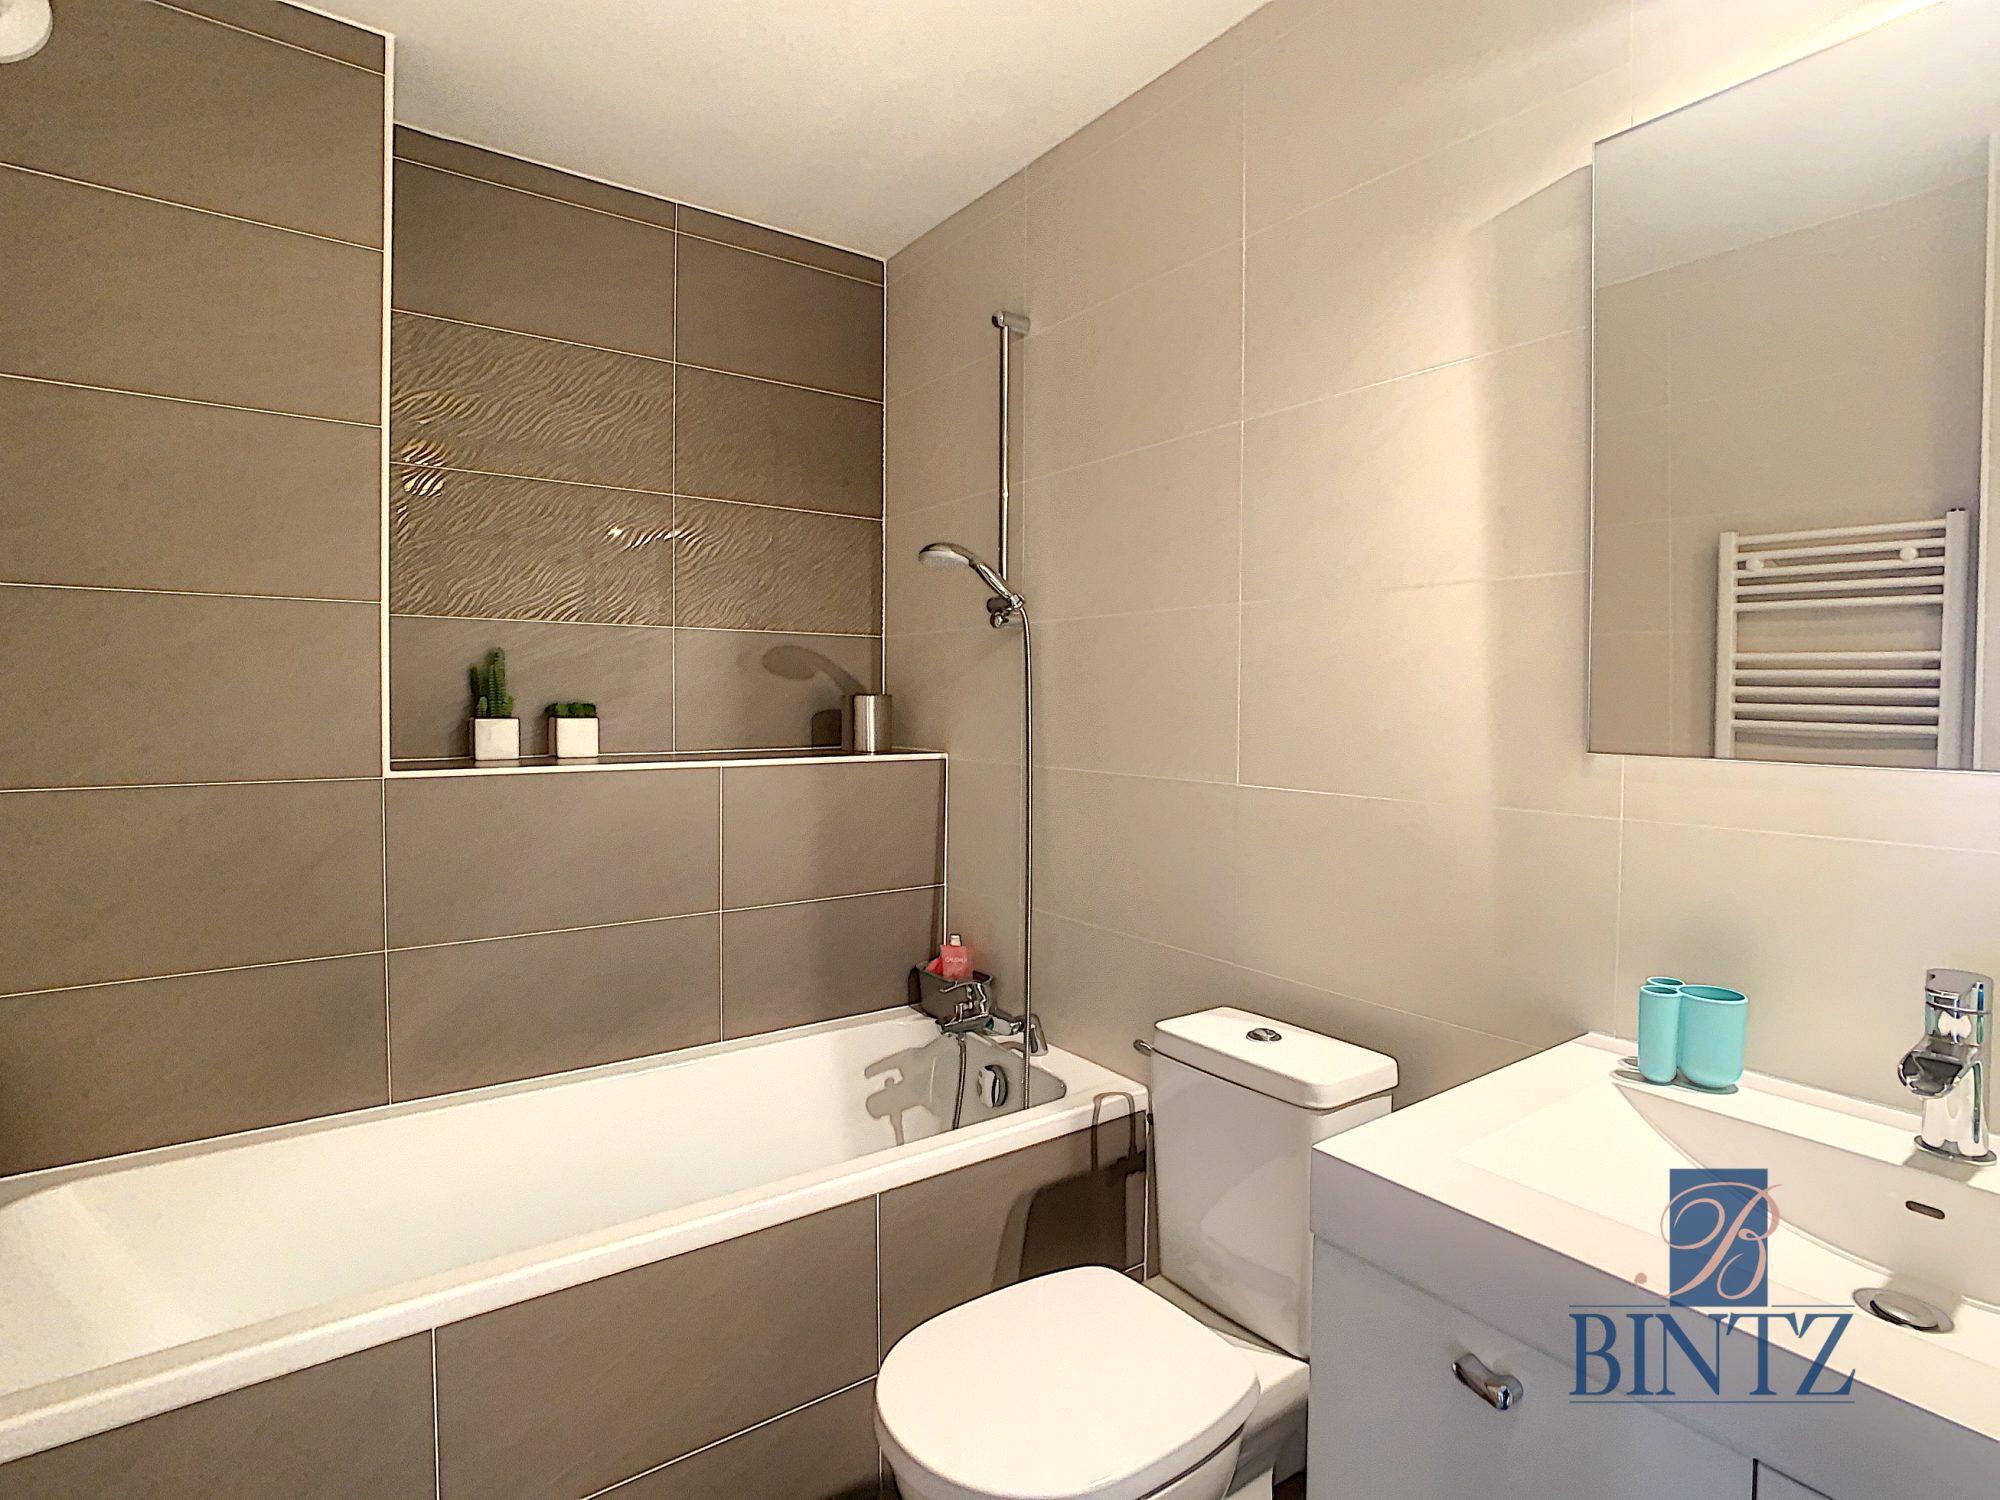 Appartement 4 pièces Duplex rez-de-jardin - Devenez propriétaire en toute confiance - Bintz Immobilier - 10